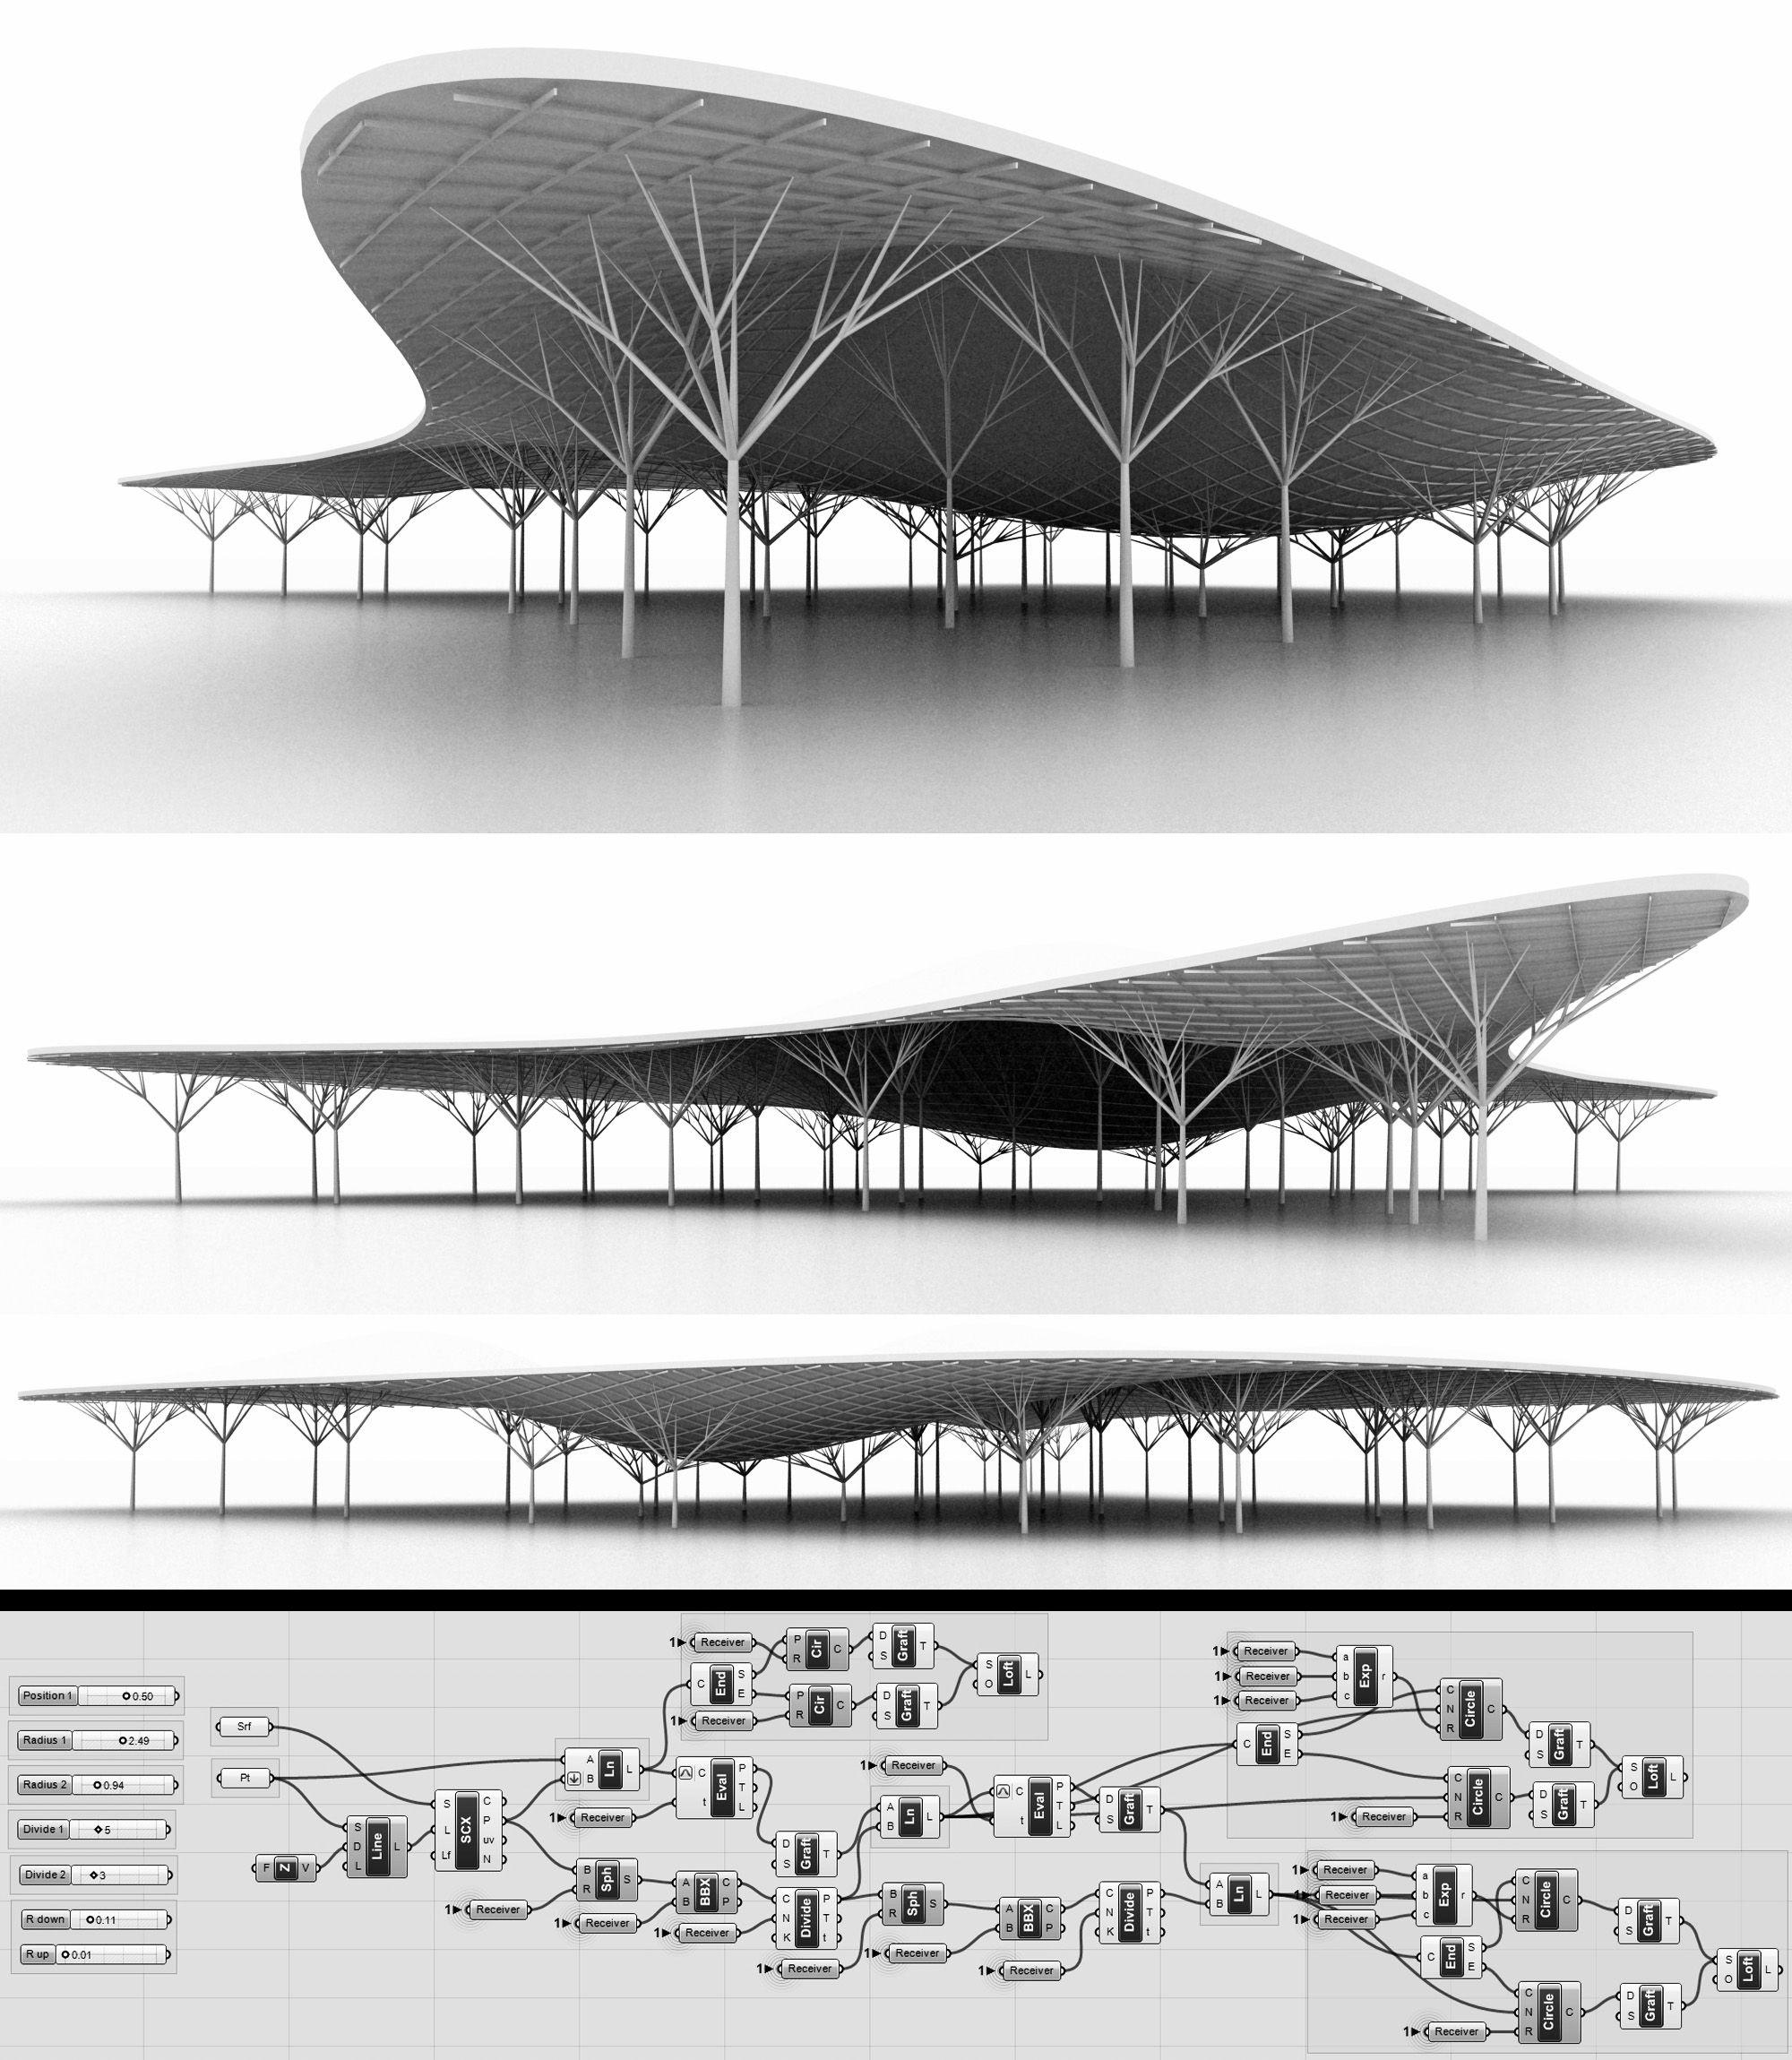 tree structure architecture - Google Search | x x M O D E L x x